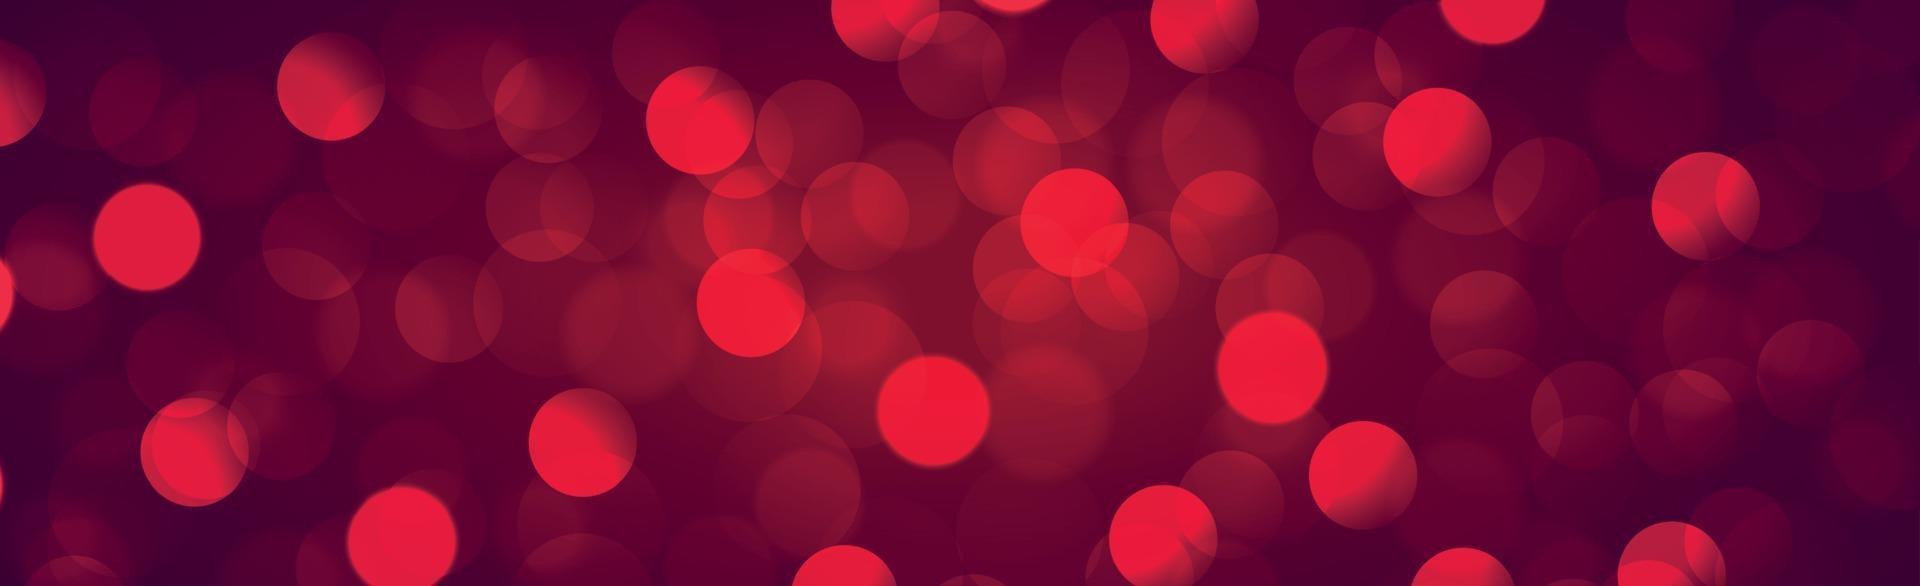 bokeh sfocato multicolore su uno sfondo rosso - panorama vettore